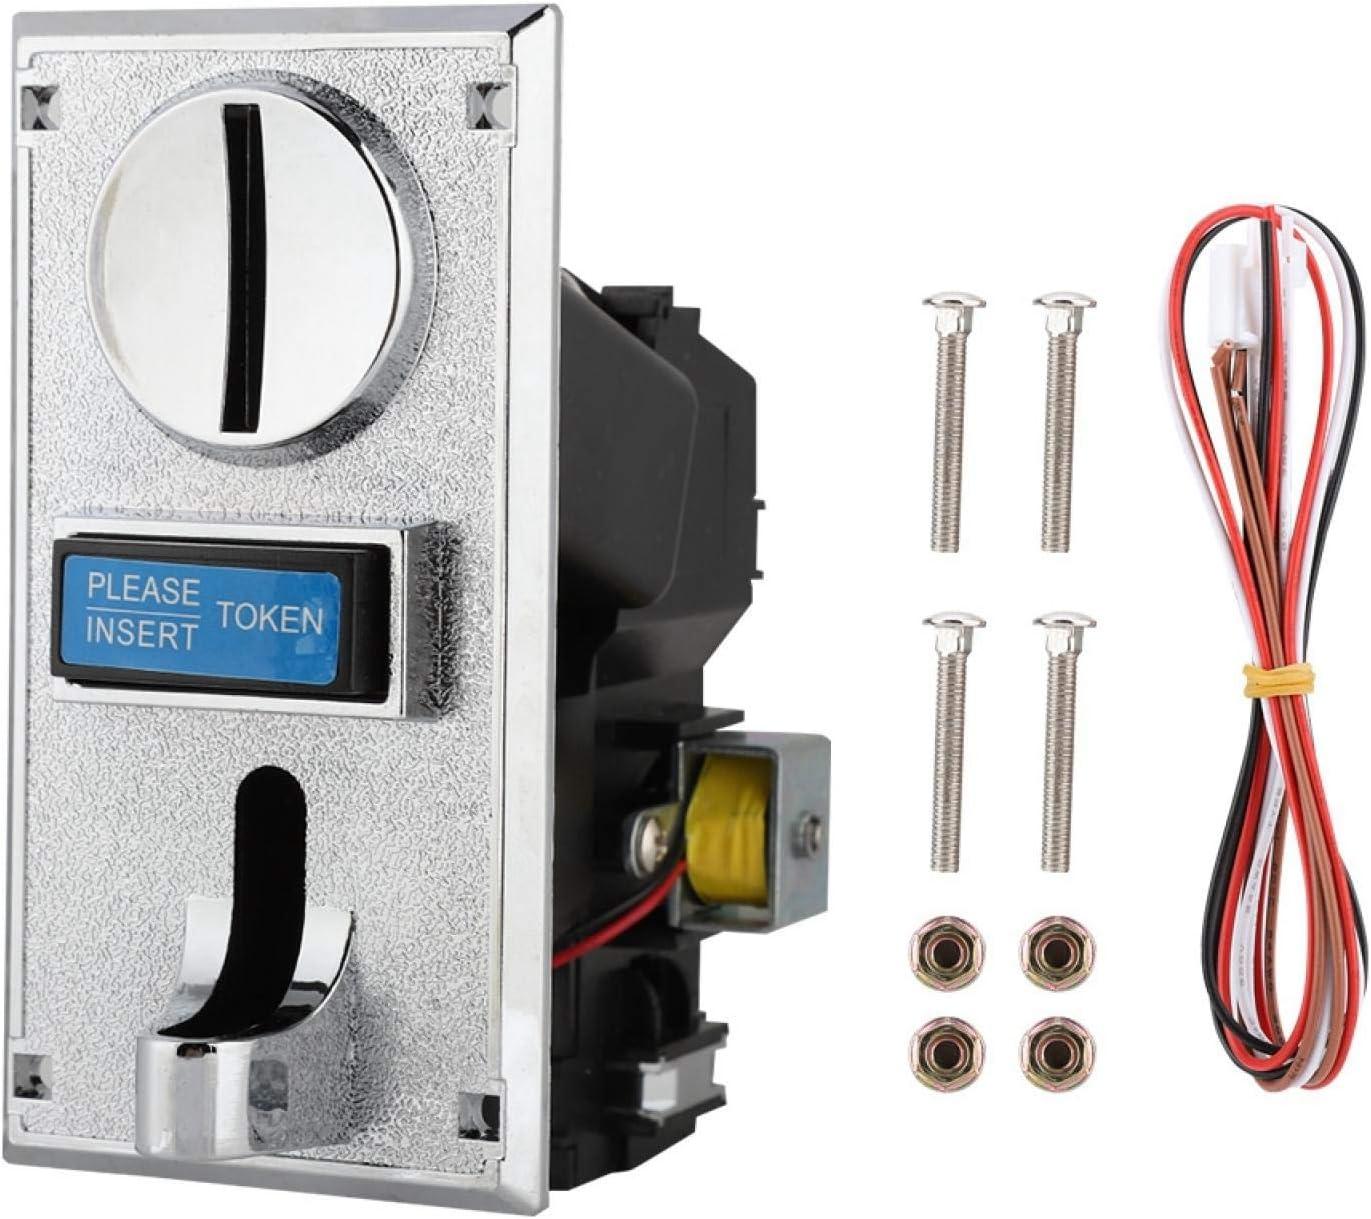 Salida de señal de velocidad de pulso de 3 pasos Máquina tragamonedas de juegos multifunción de alta velocidad Máquina tragamonedas de juegos, para máquina expendedora dispensadora de agua